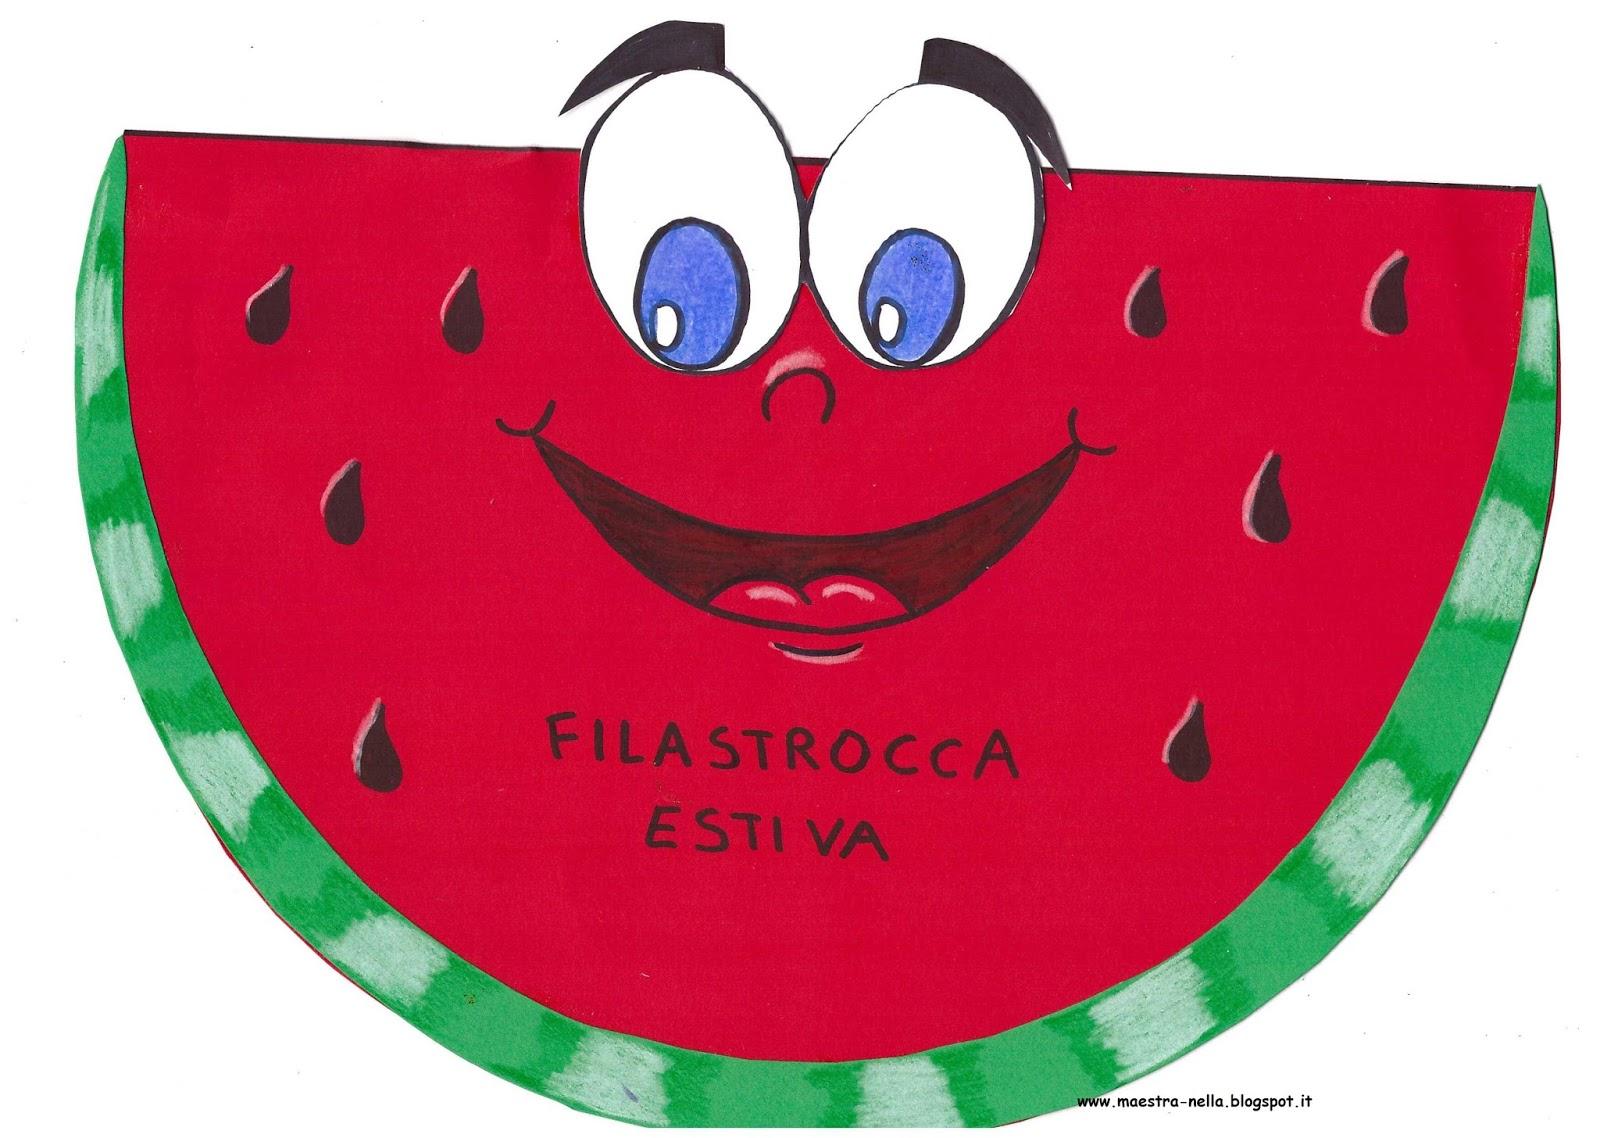 Maestra nella libricino filastrocca estiva for Lavoretti estate scuola dell infanzia